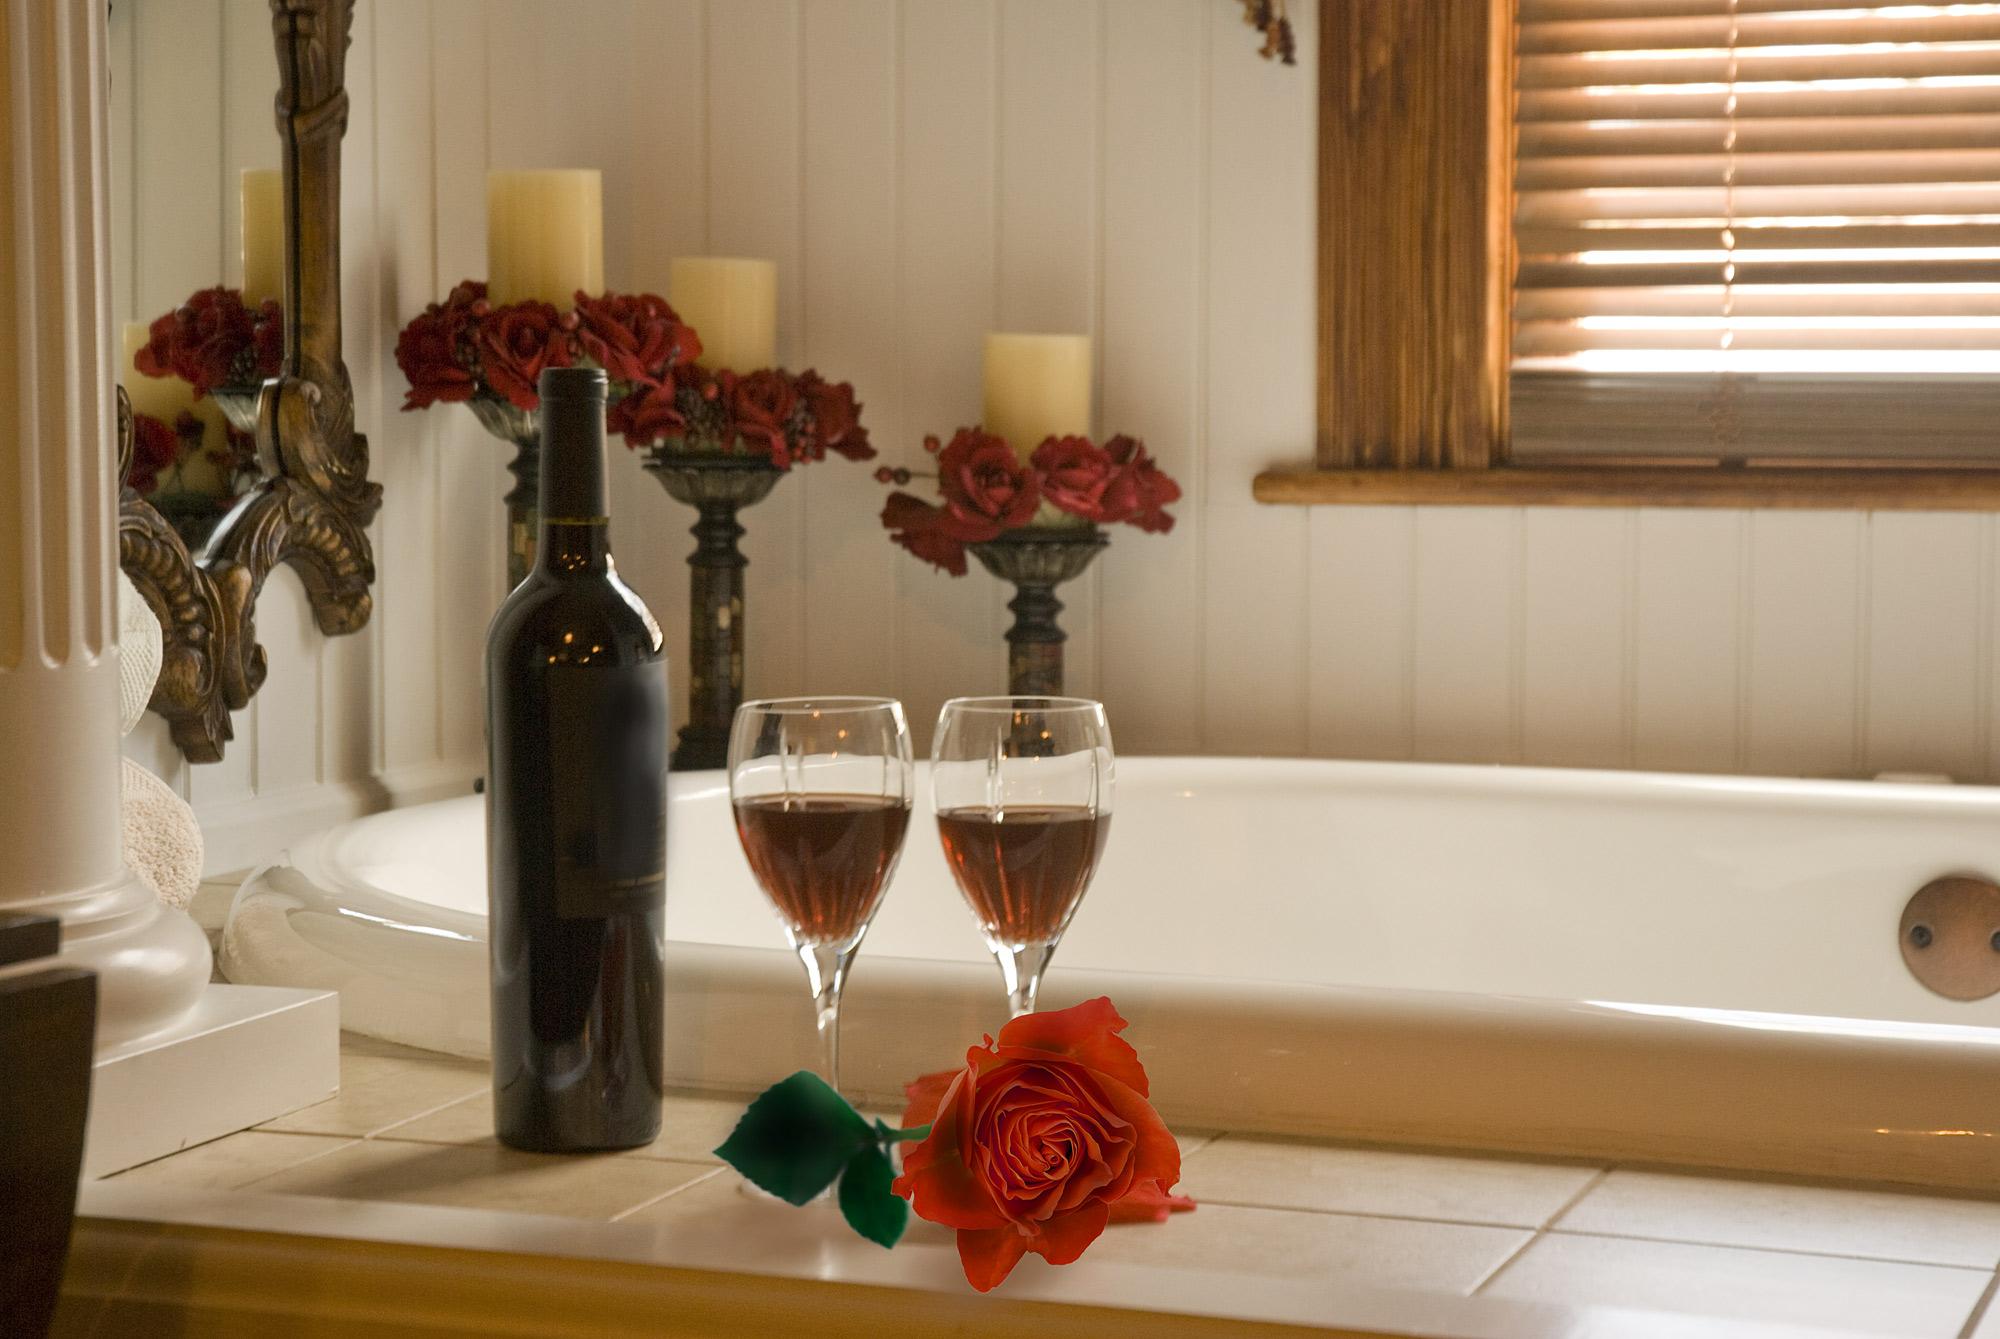 Łazienka: relaksująca kąpiel czy szybki prysznic?